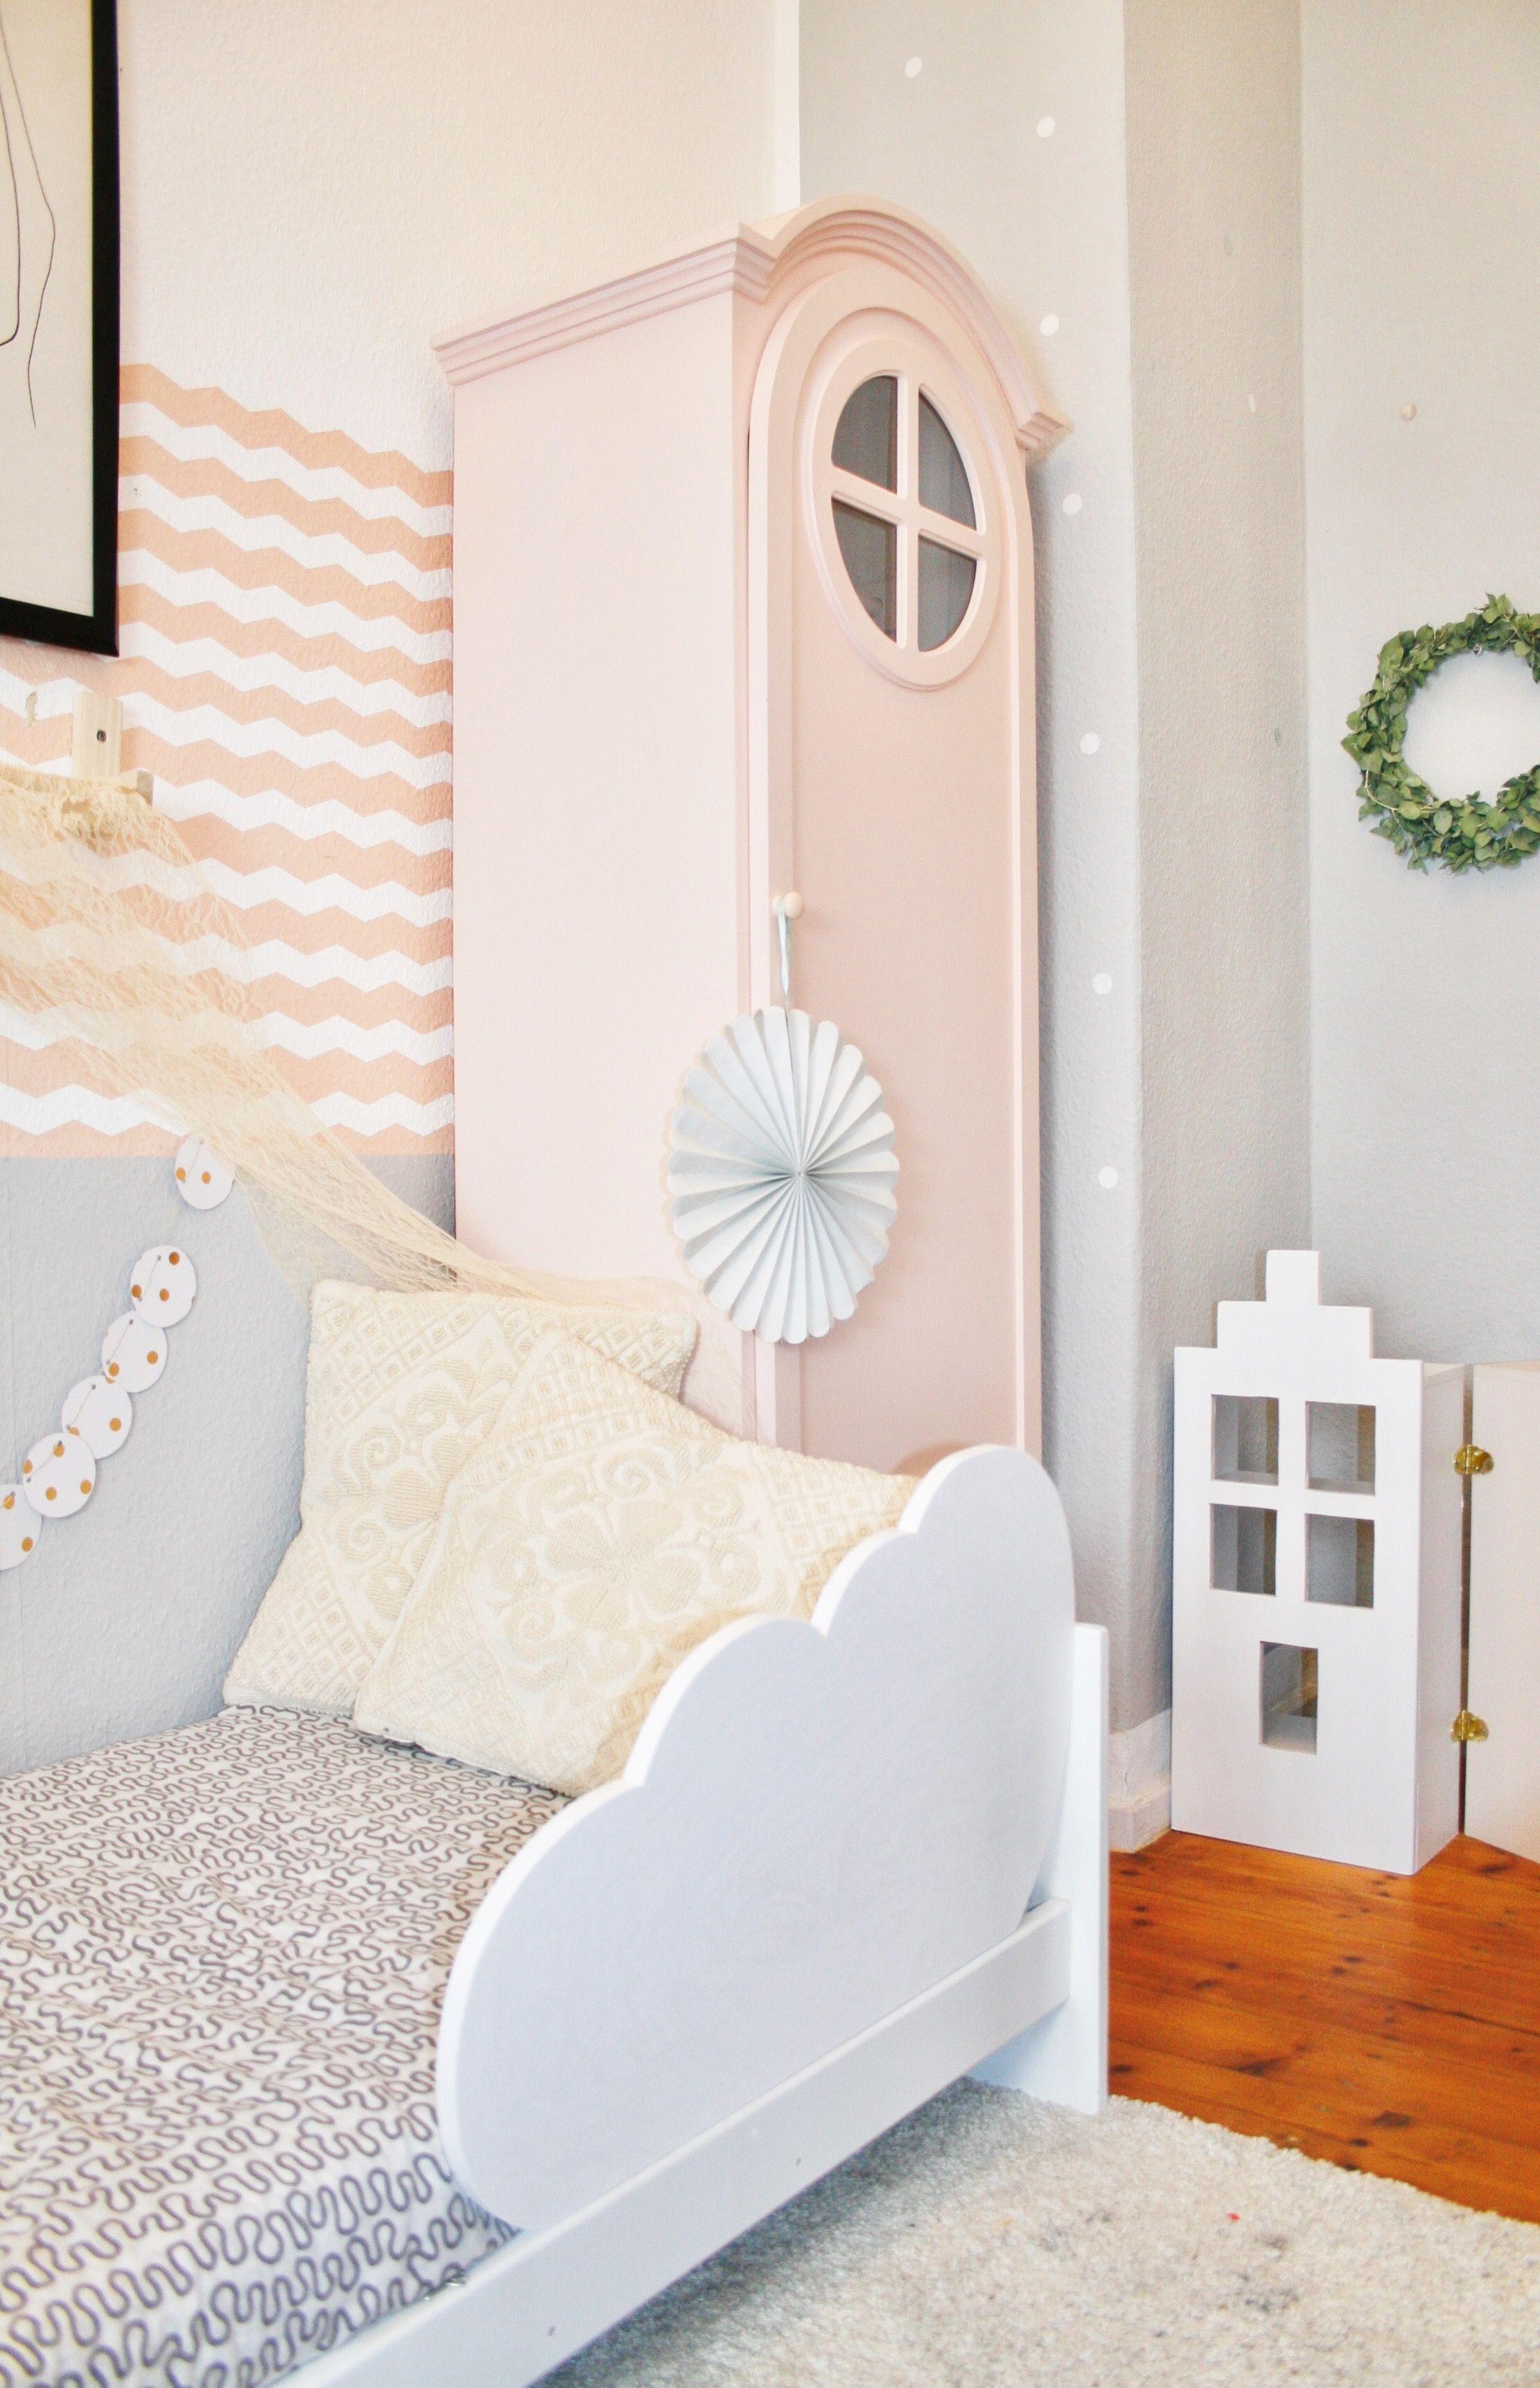 Sehr Kinderzimmer mit Rausfallschutz Wolke / Bettschutzgitter bedrail MI93